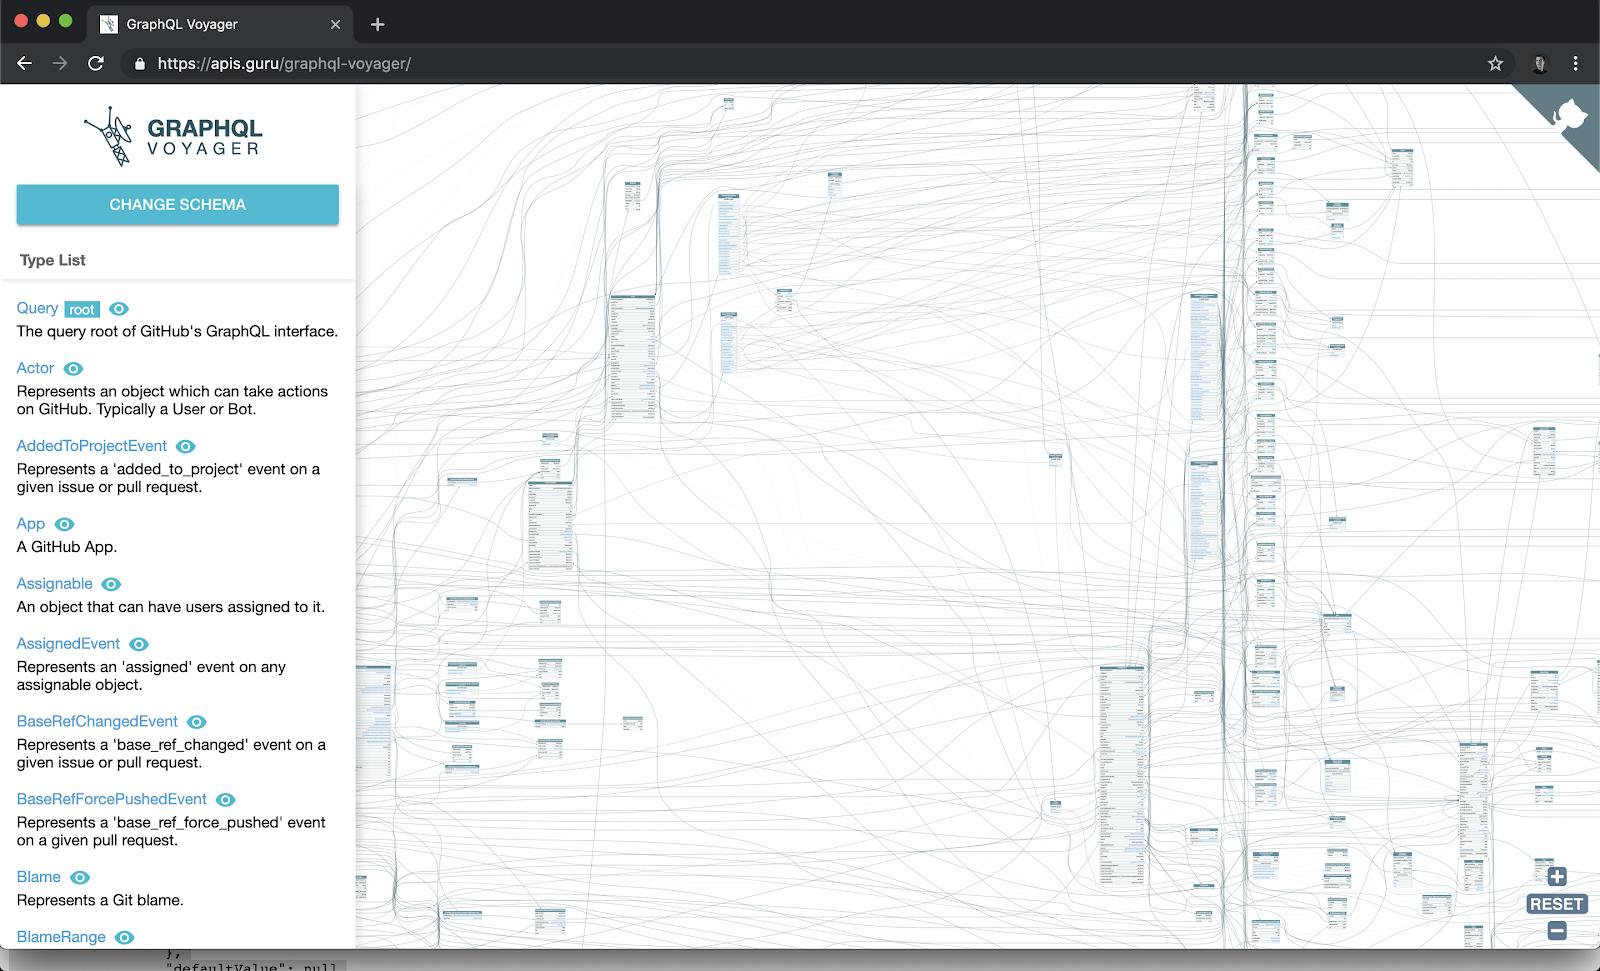 GraphQL Voyager как инструмент для поиска уязвимостей - 3